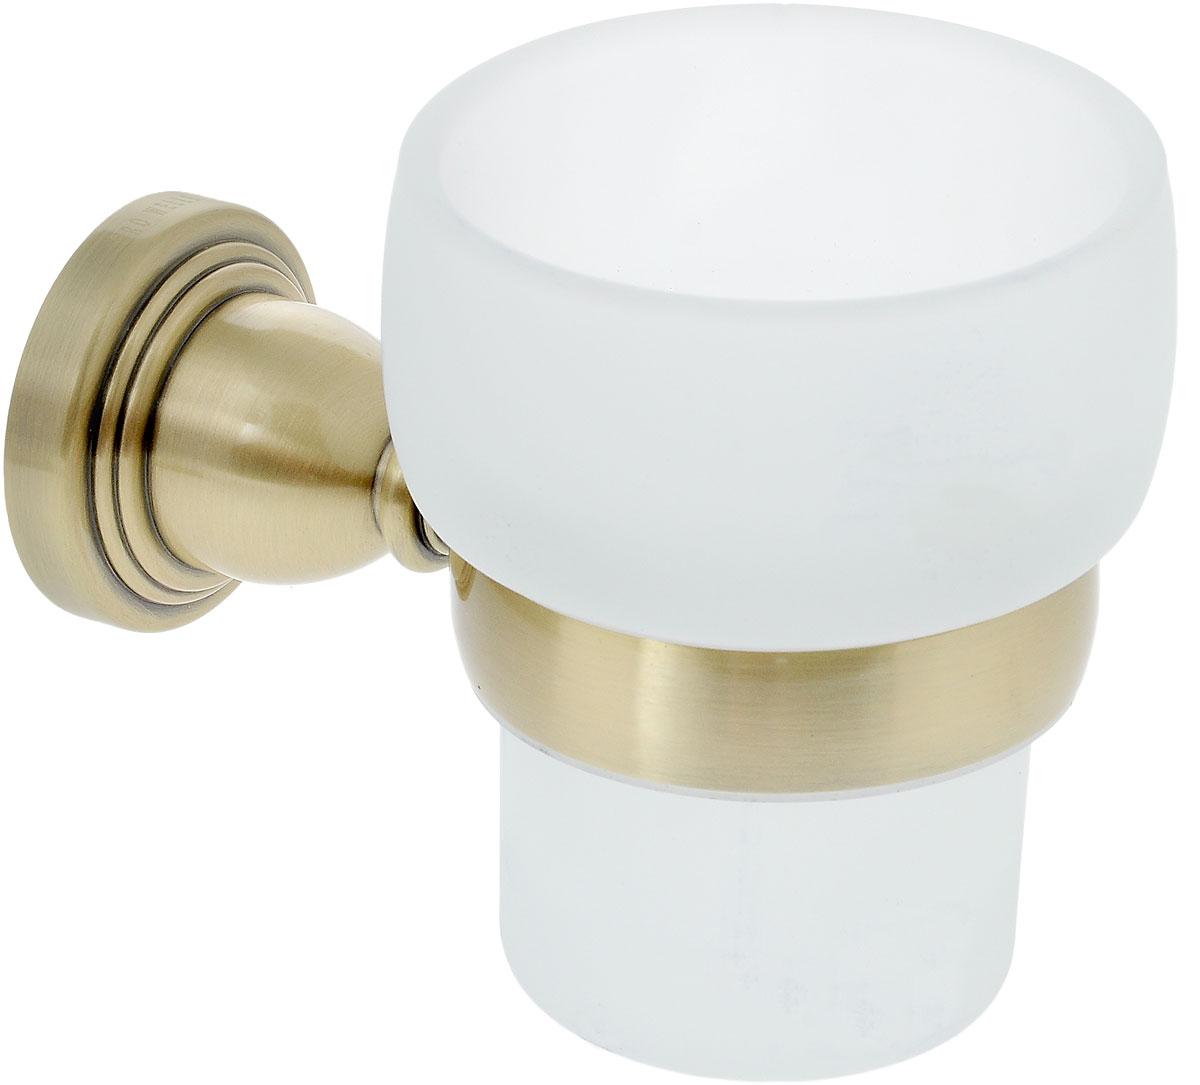 Стакан подвесной Gro Welle Muskat68/5/3Стакан для ванной комнаты Gro Welle Muskat изготовлен из высококачественного матового стекла. Для стакана предусмотрен специальный держатель, выполненный из латуни с хромированным покрытием. Хромоникелевое покрытие Crystallight придает изделию яркий металлический блеск и эстетичный внешний вид. Имеет водоотталкивающие свойства, благодаря которым защищает изделие. Устойчив к кислотным и щелочным чистящим средствам. Изделие быстро и просто крепится к стене, крепежные материалы входят в комплект. В стакане удобно хранить зубные щетки, пасту и другие принадлежности. Диаметр стакана по верхнему краю: 8 см.Высота стакана: 10 см.Отступ стакана от стены: 12,8 см.